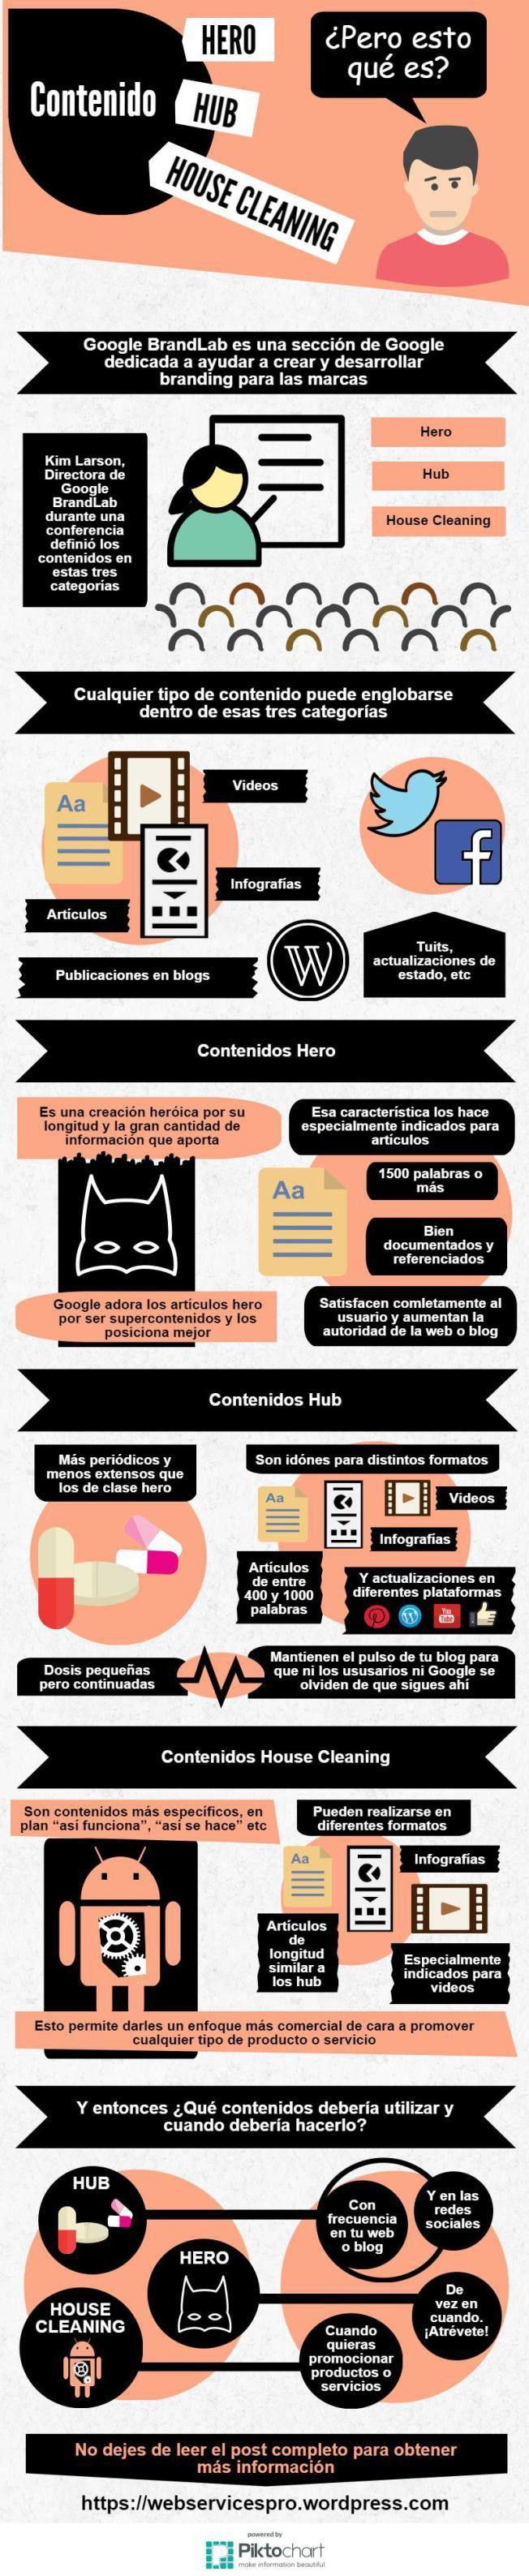 Contenido Hero, Hub y House Cleaning ¿Pero esto qué es? #infografia